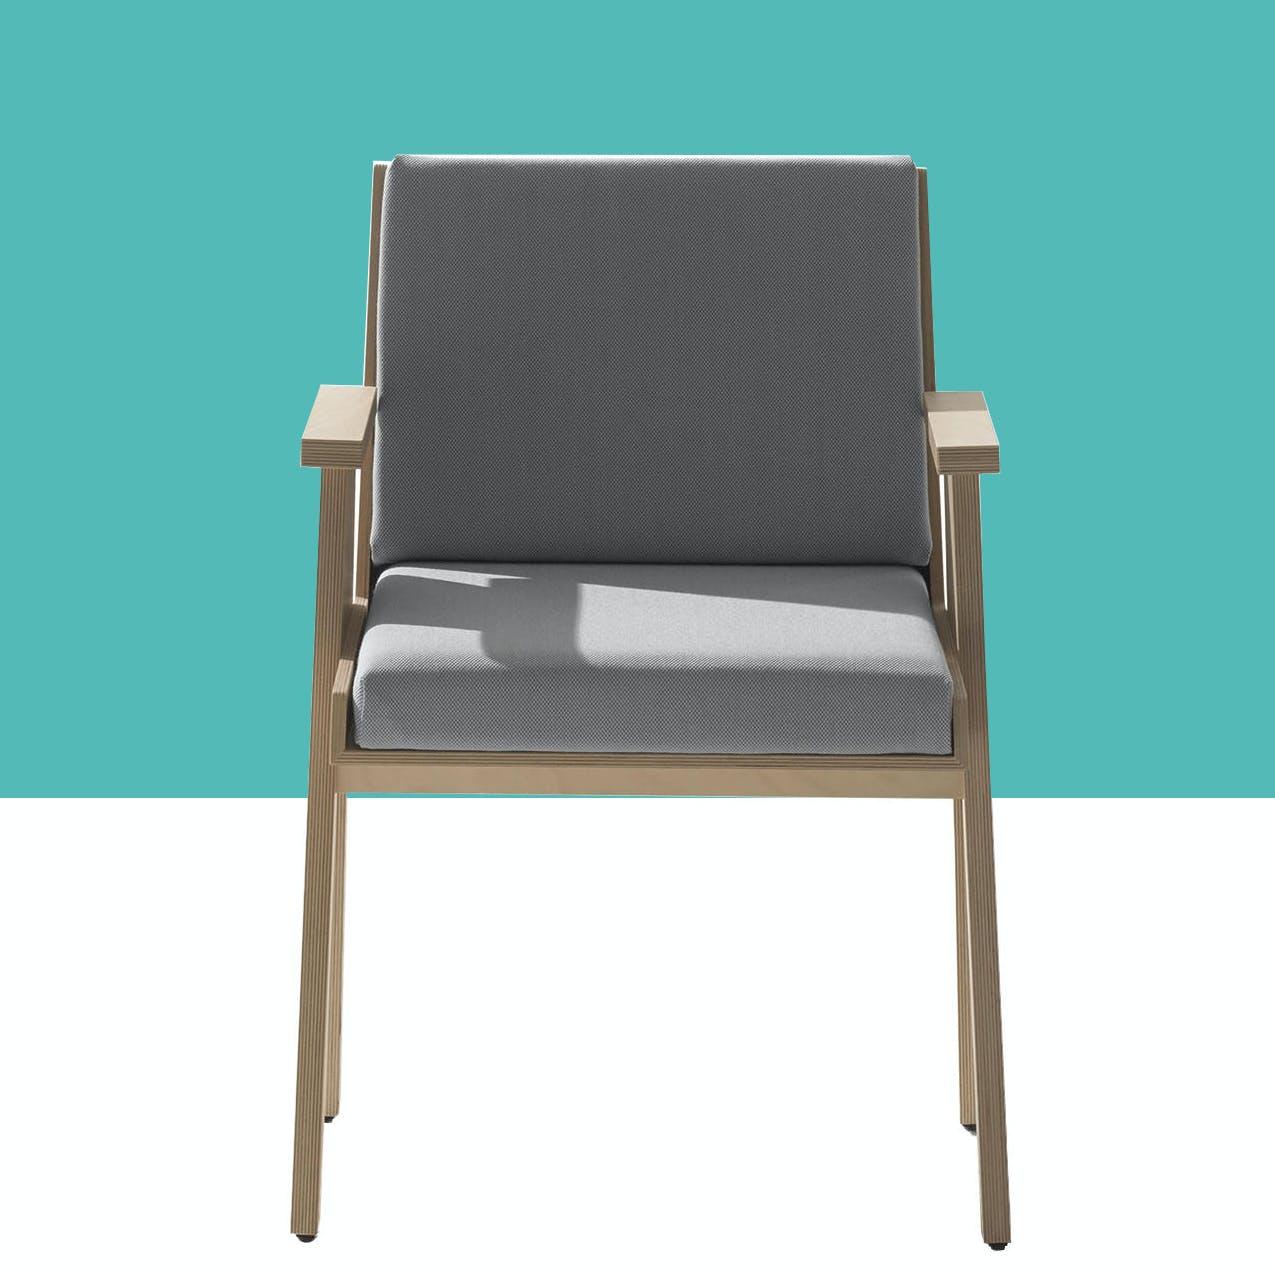 Agapecasa Club 44 Chair Thumbnail Haute Living